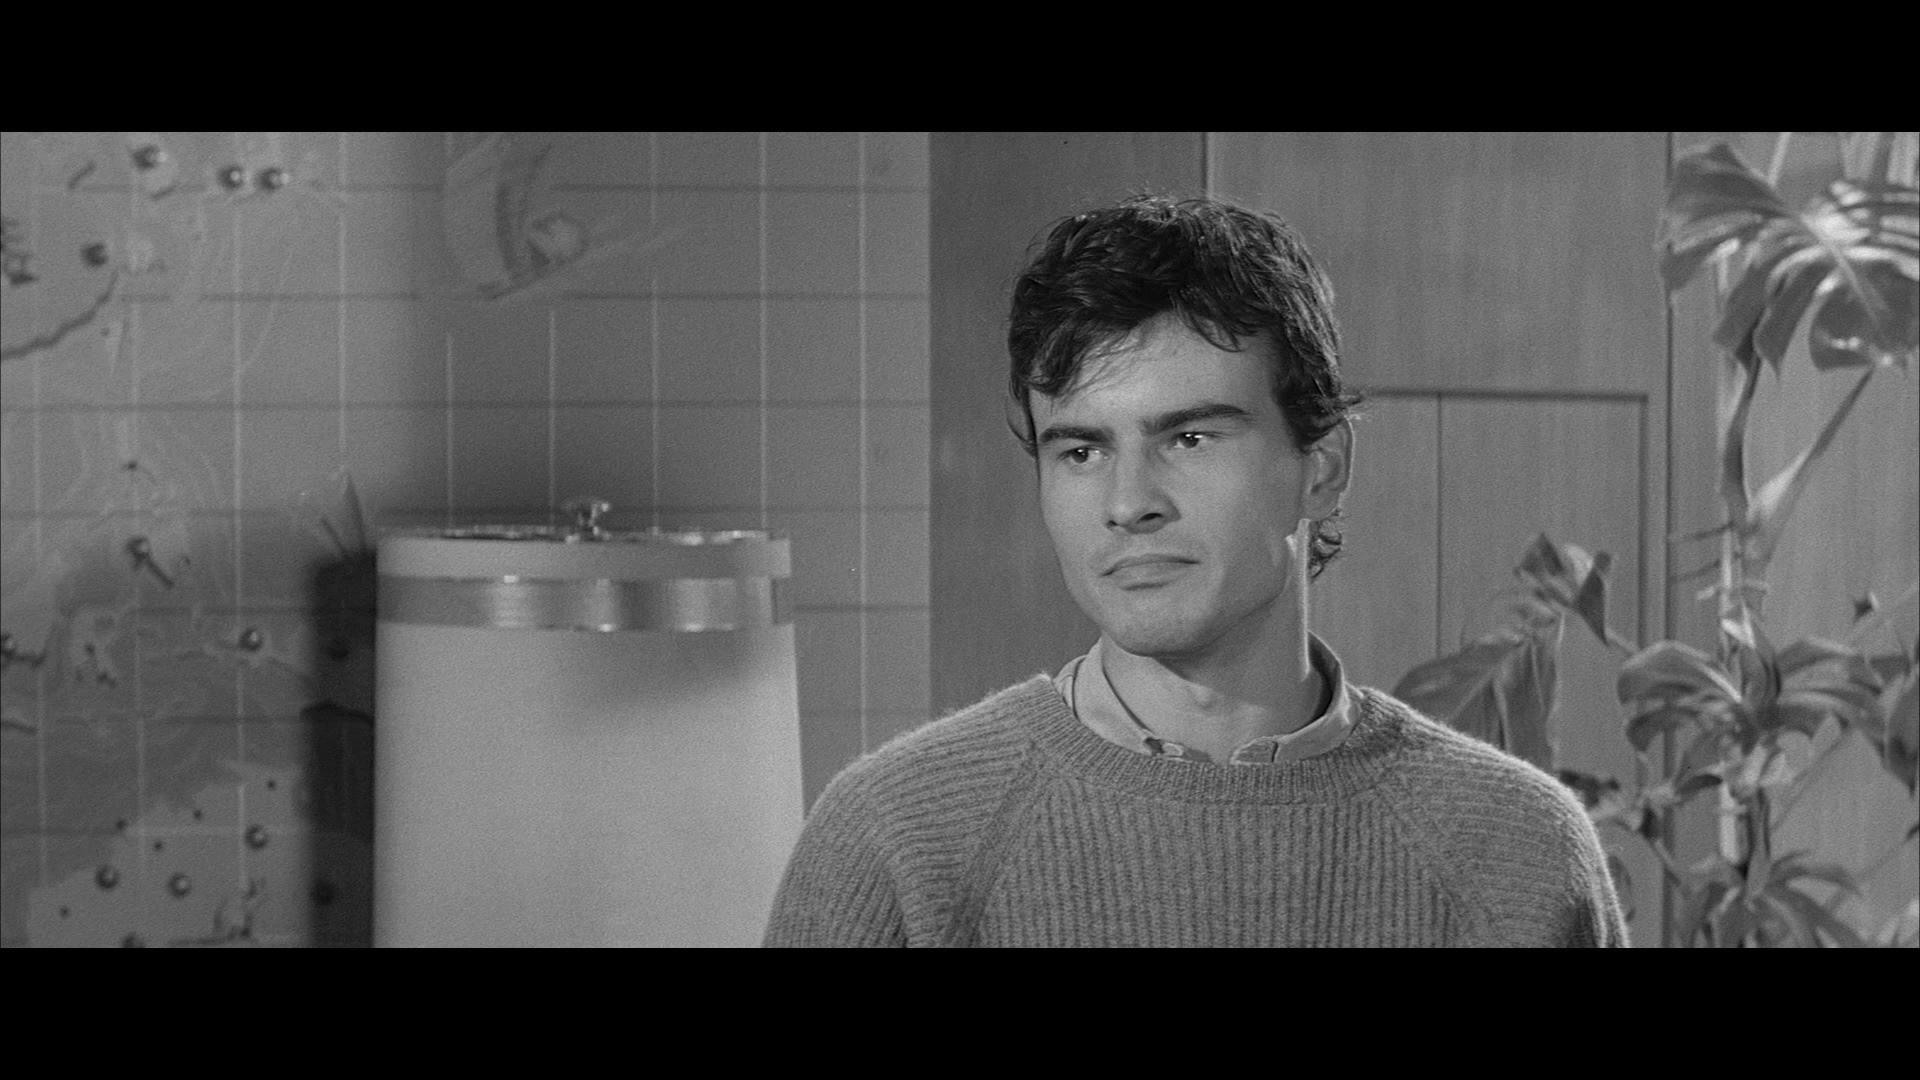 Piffl (Horst Buchholz) ist in einem Szenenbild aus Eins, zwei, drei in Großaufnahme zu sehen, der Blick ist voller Verachtung.